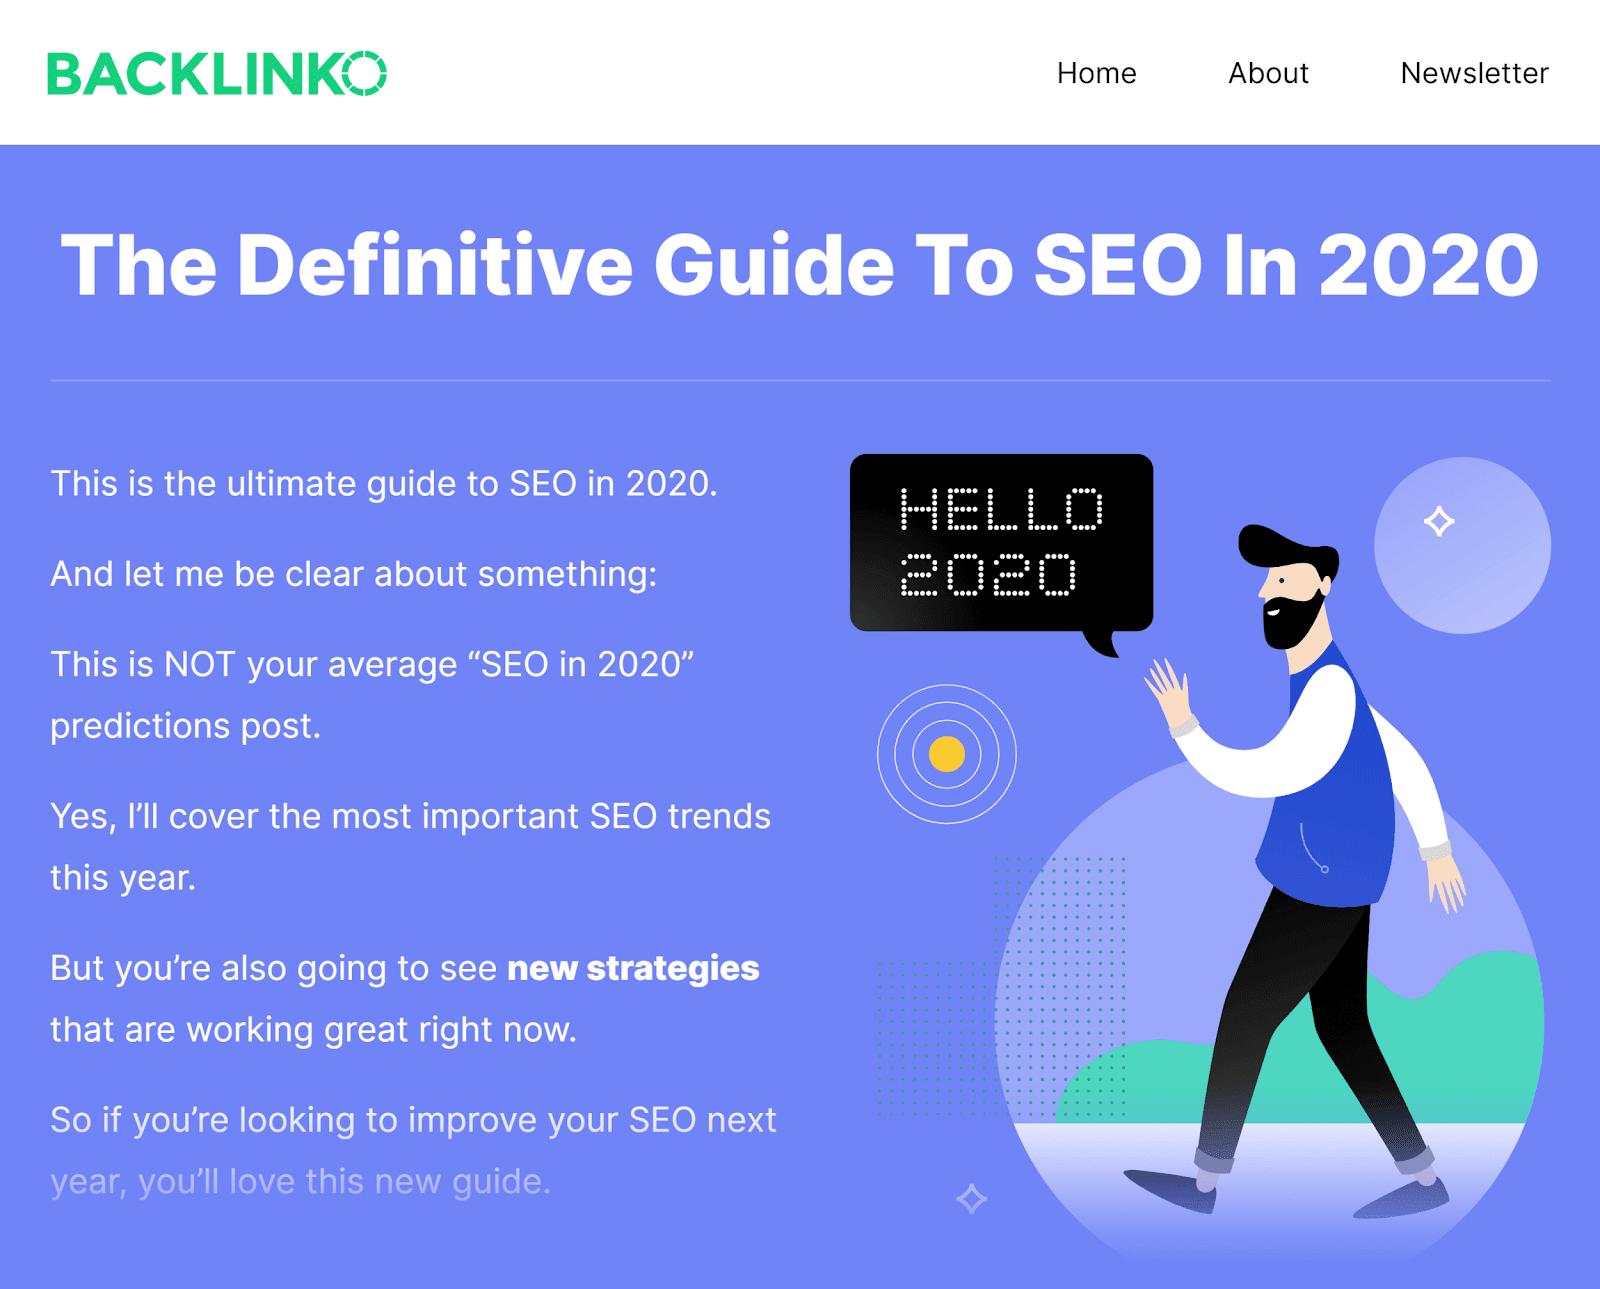 Backlinko - SEO bài viết năm nay